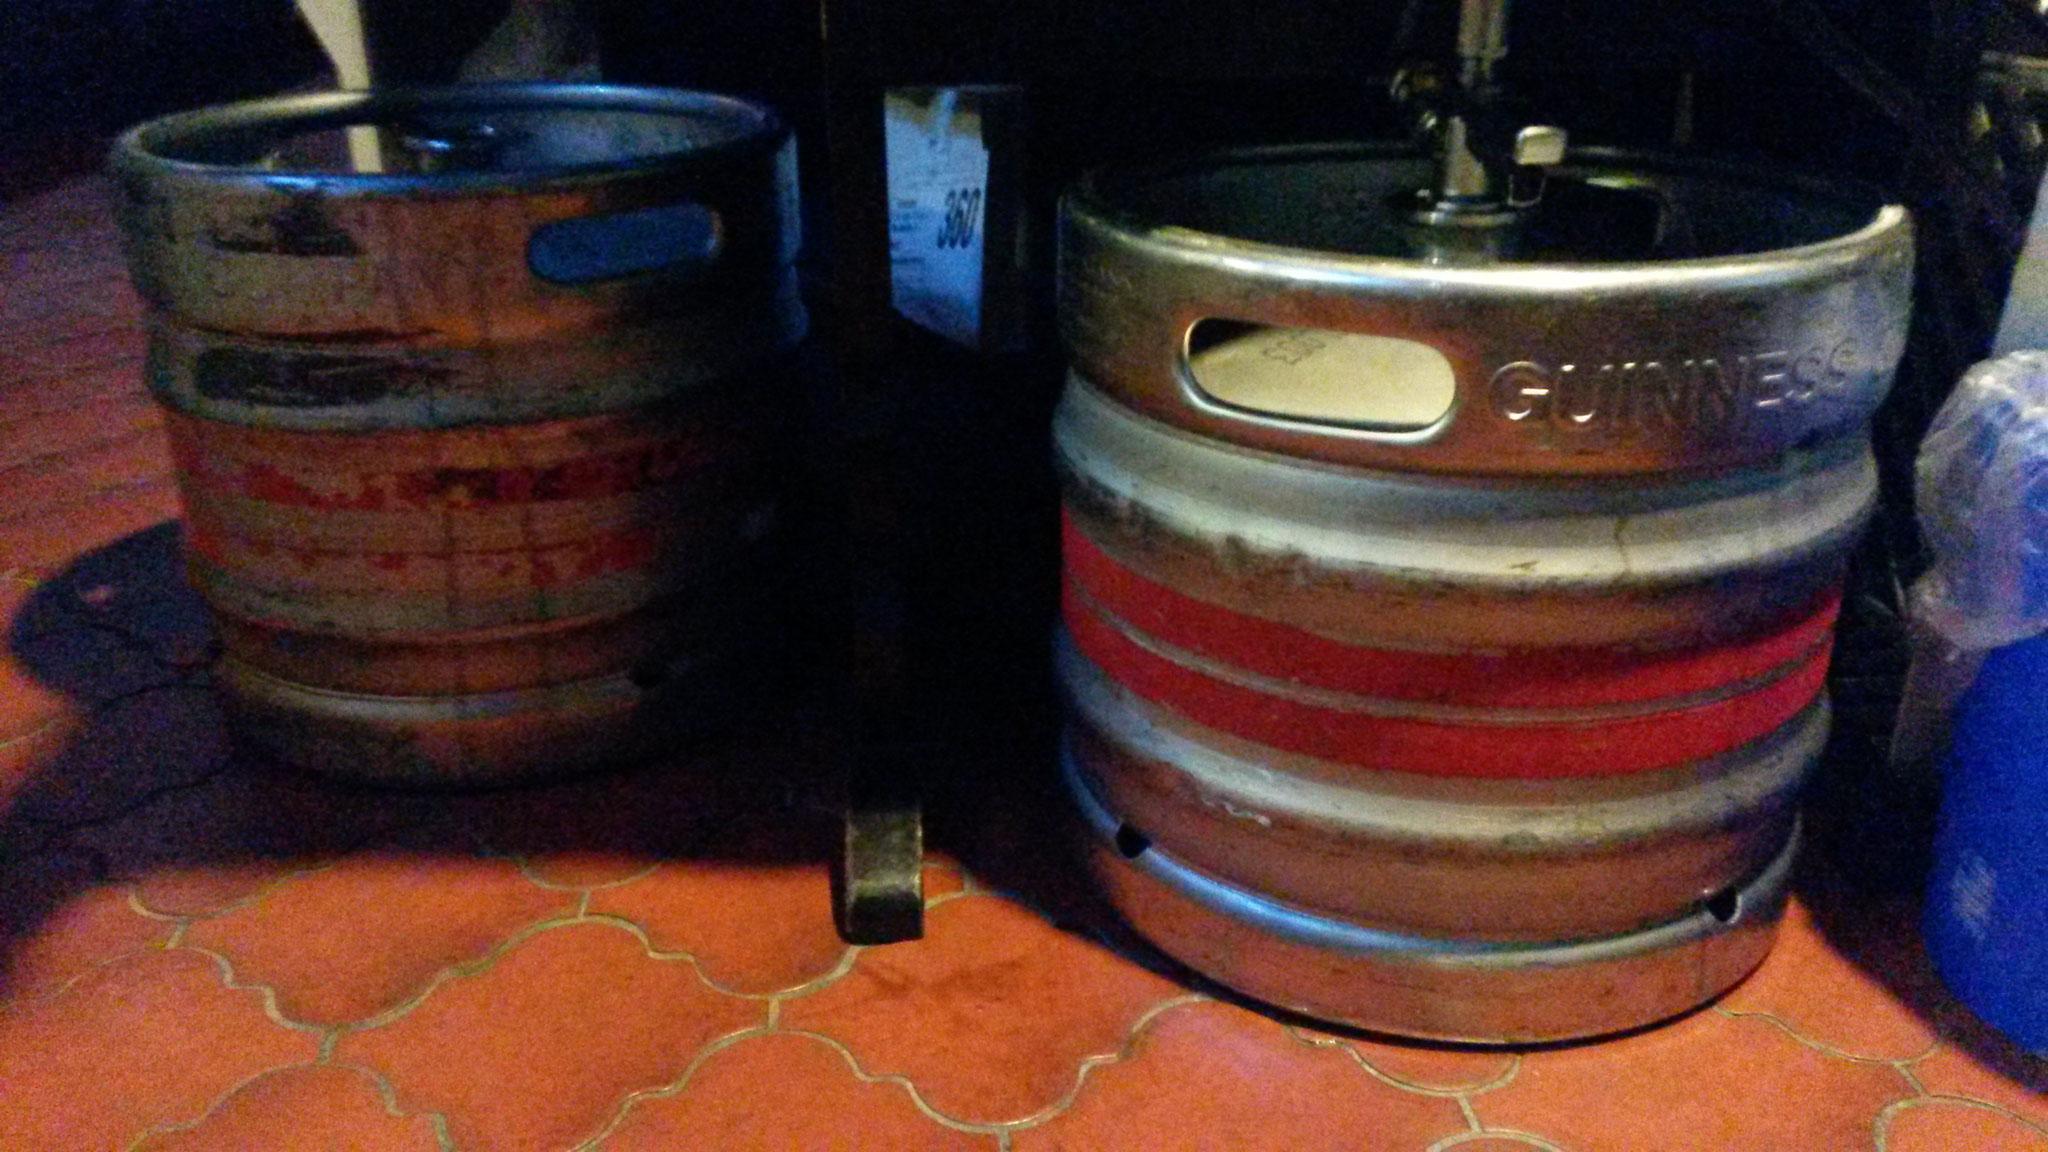 Zumindest für den Anfang sollten es diese zwei Fässer Guinness tun...